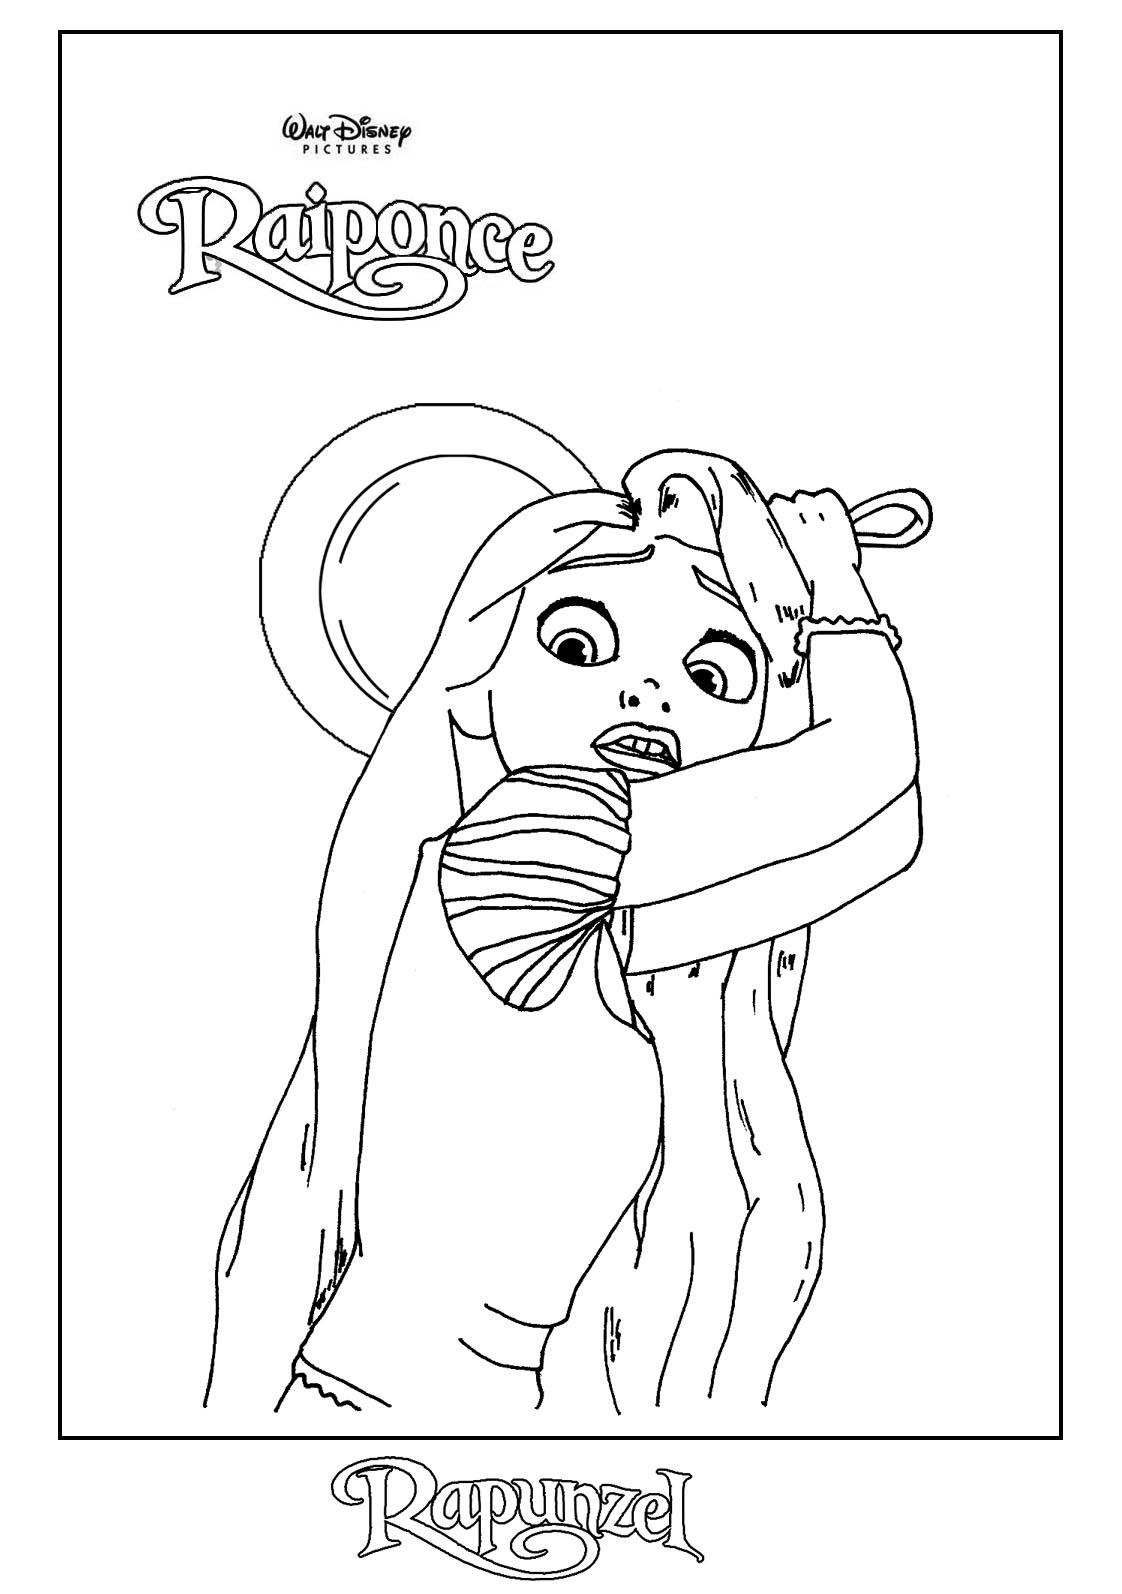 Coloriage Raiponce a peur dessin gratuit à imprimer